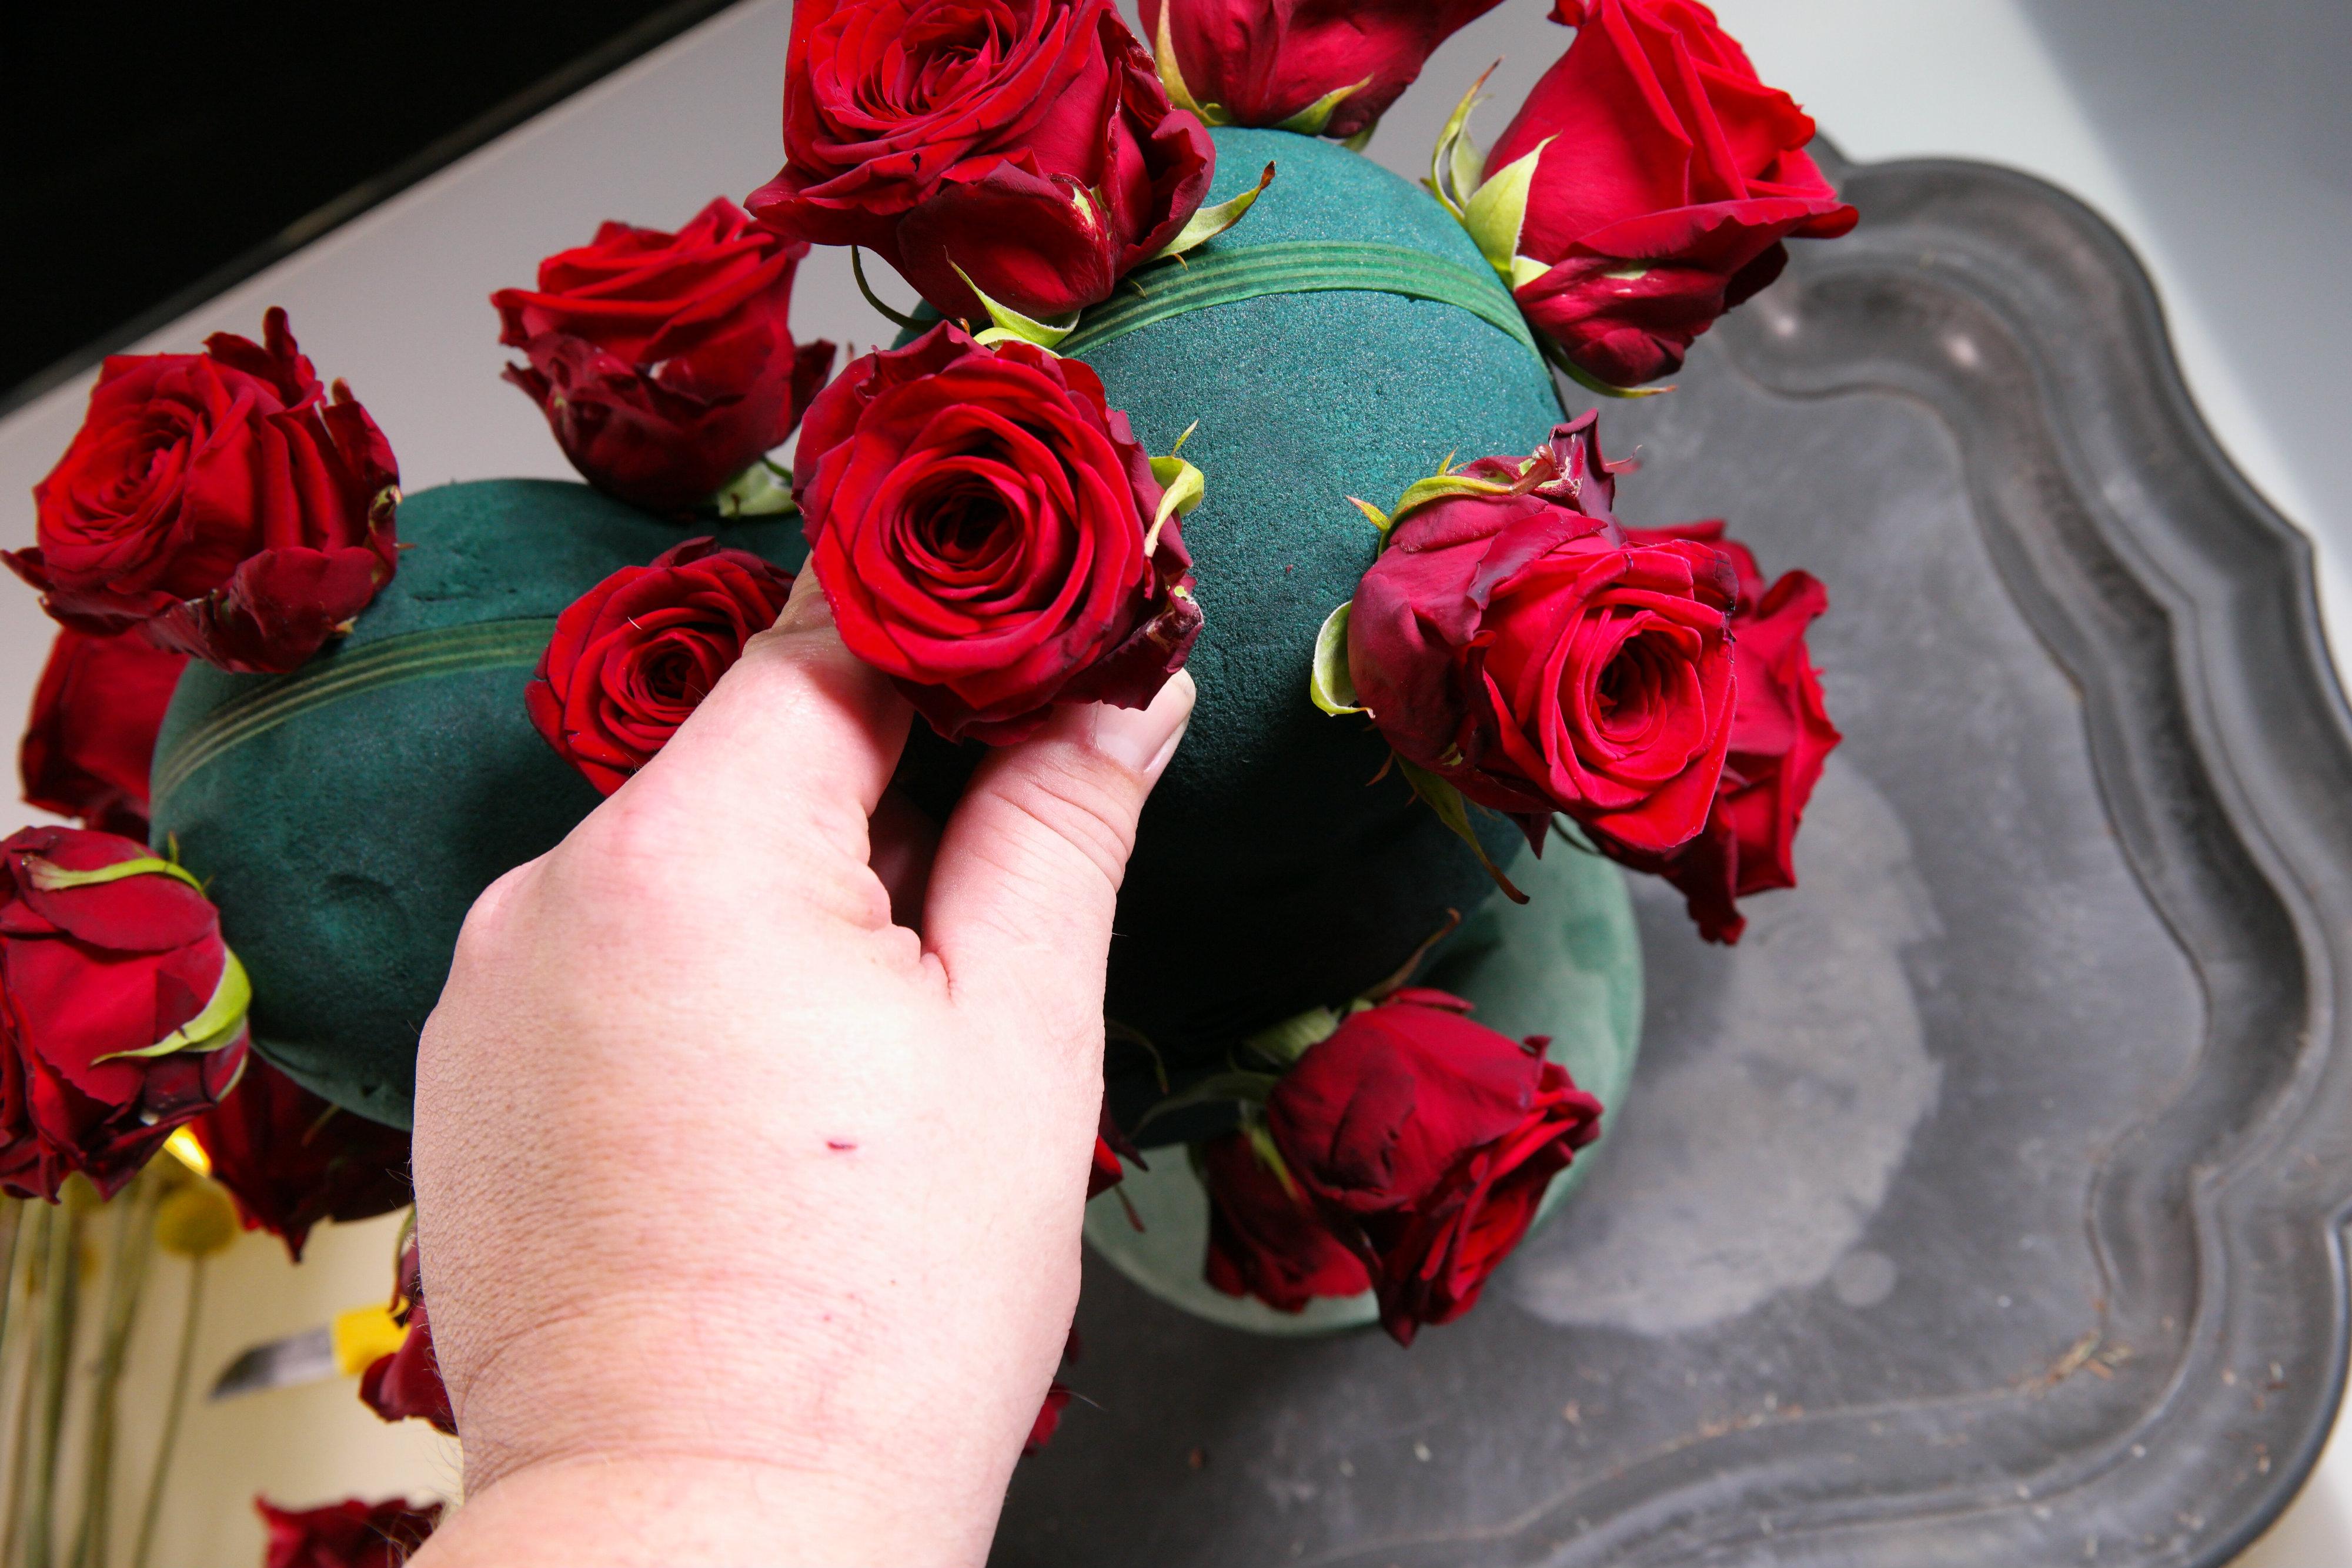 porta nova heart valentine's day